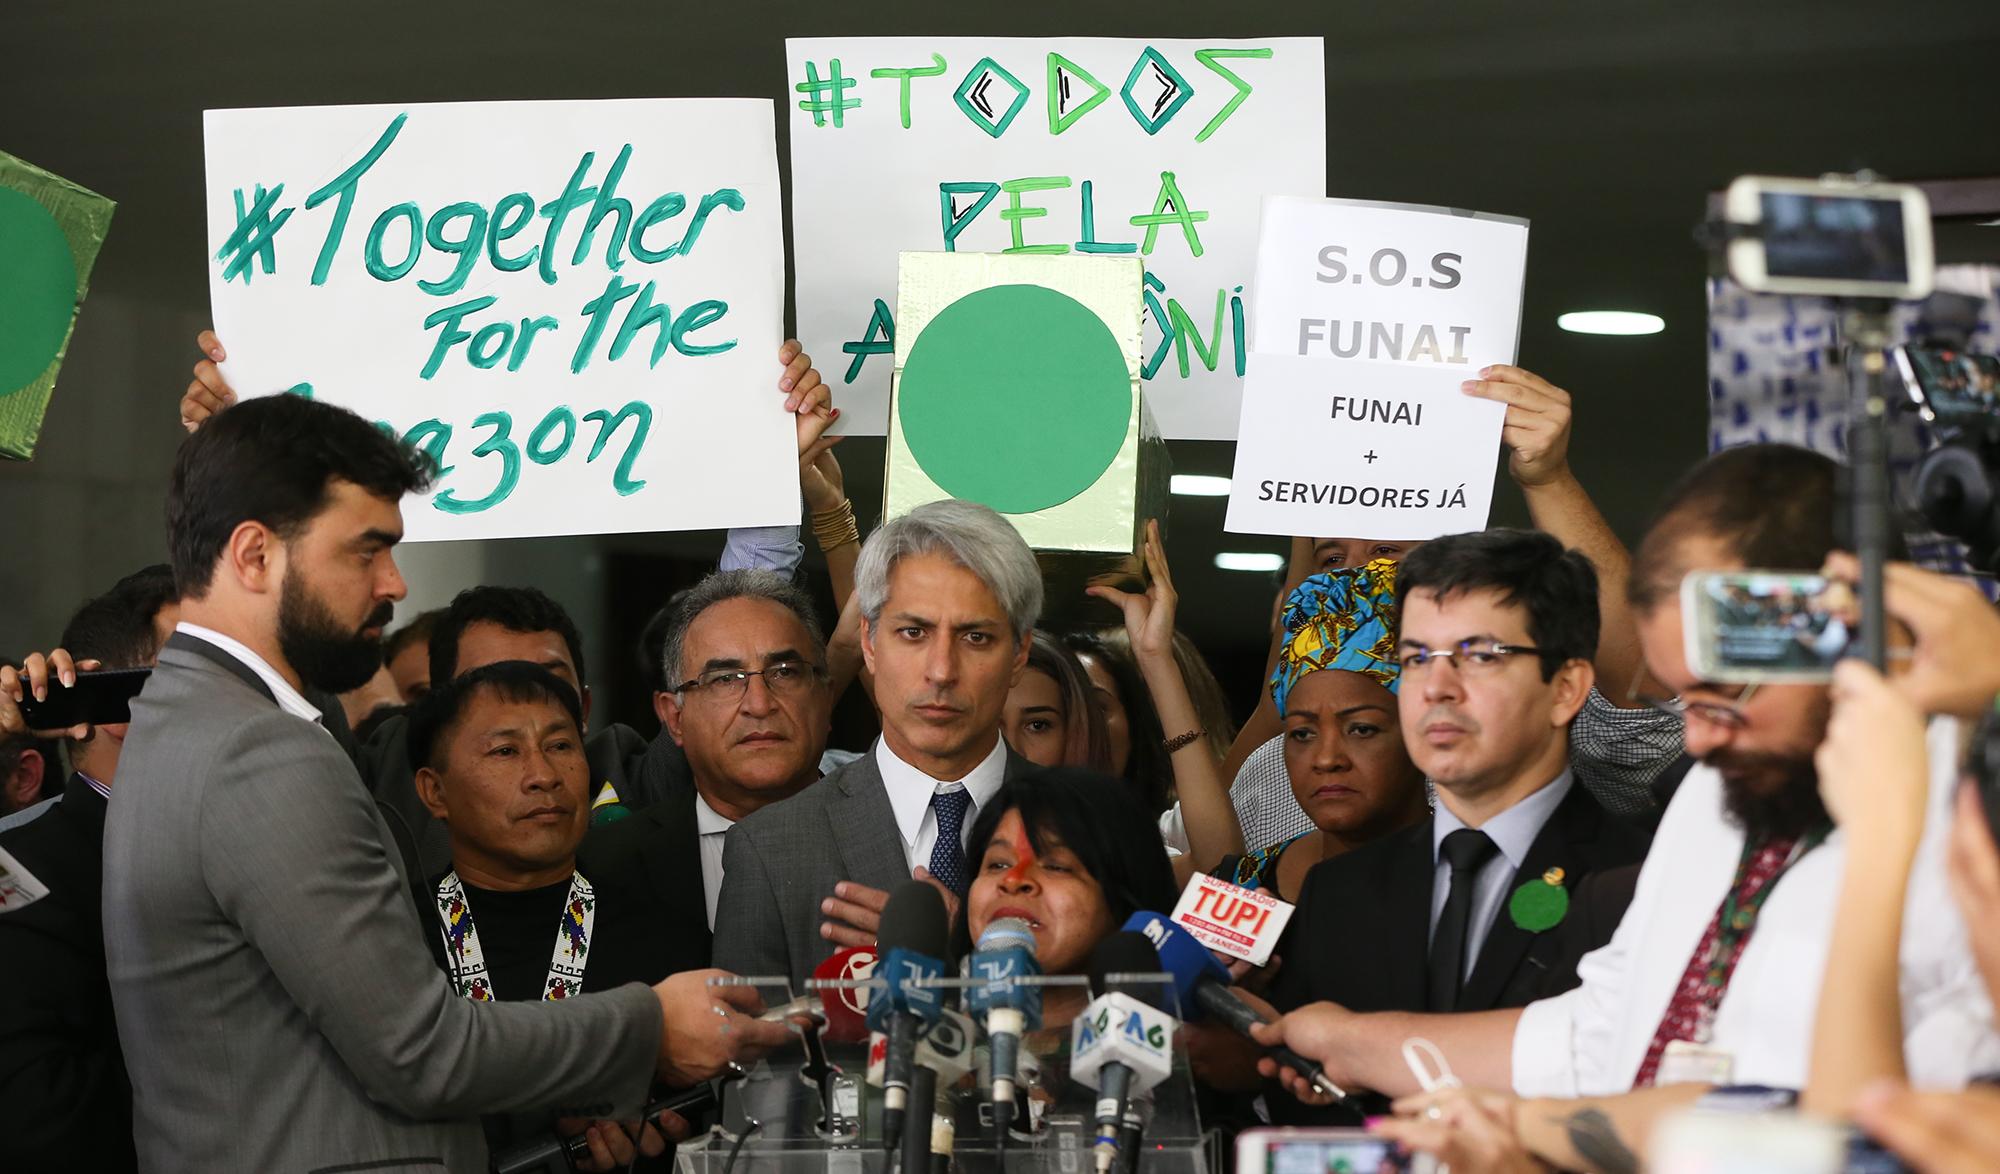 Belo Monte: Lições da Luta 18 – A coalizão internacional